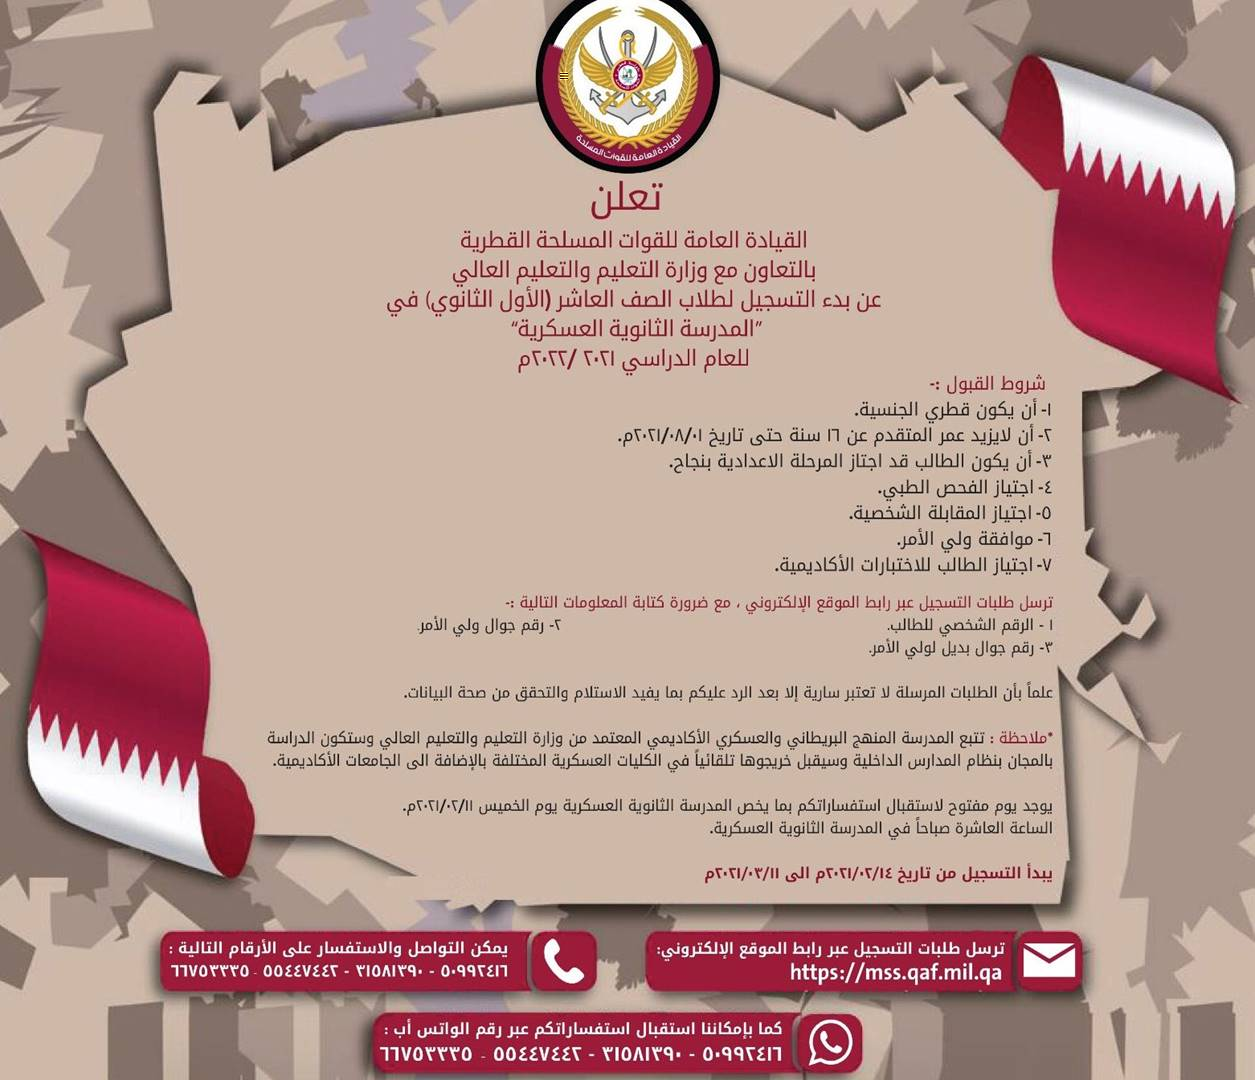 اعلان القيادة العامة للقوات المسلحة القطرية عن التسجيل في المدرسة الثانوية العسكرية